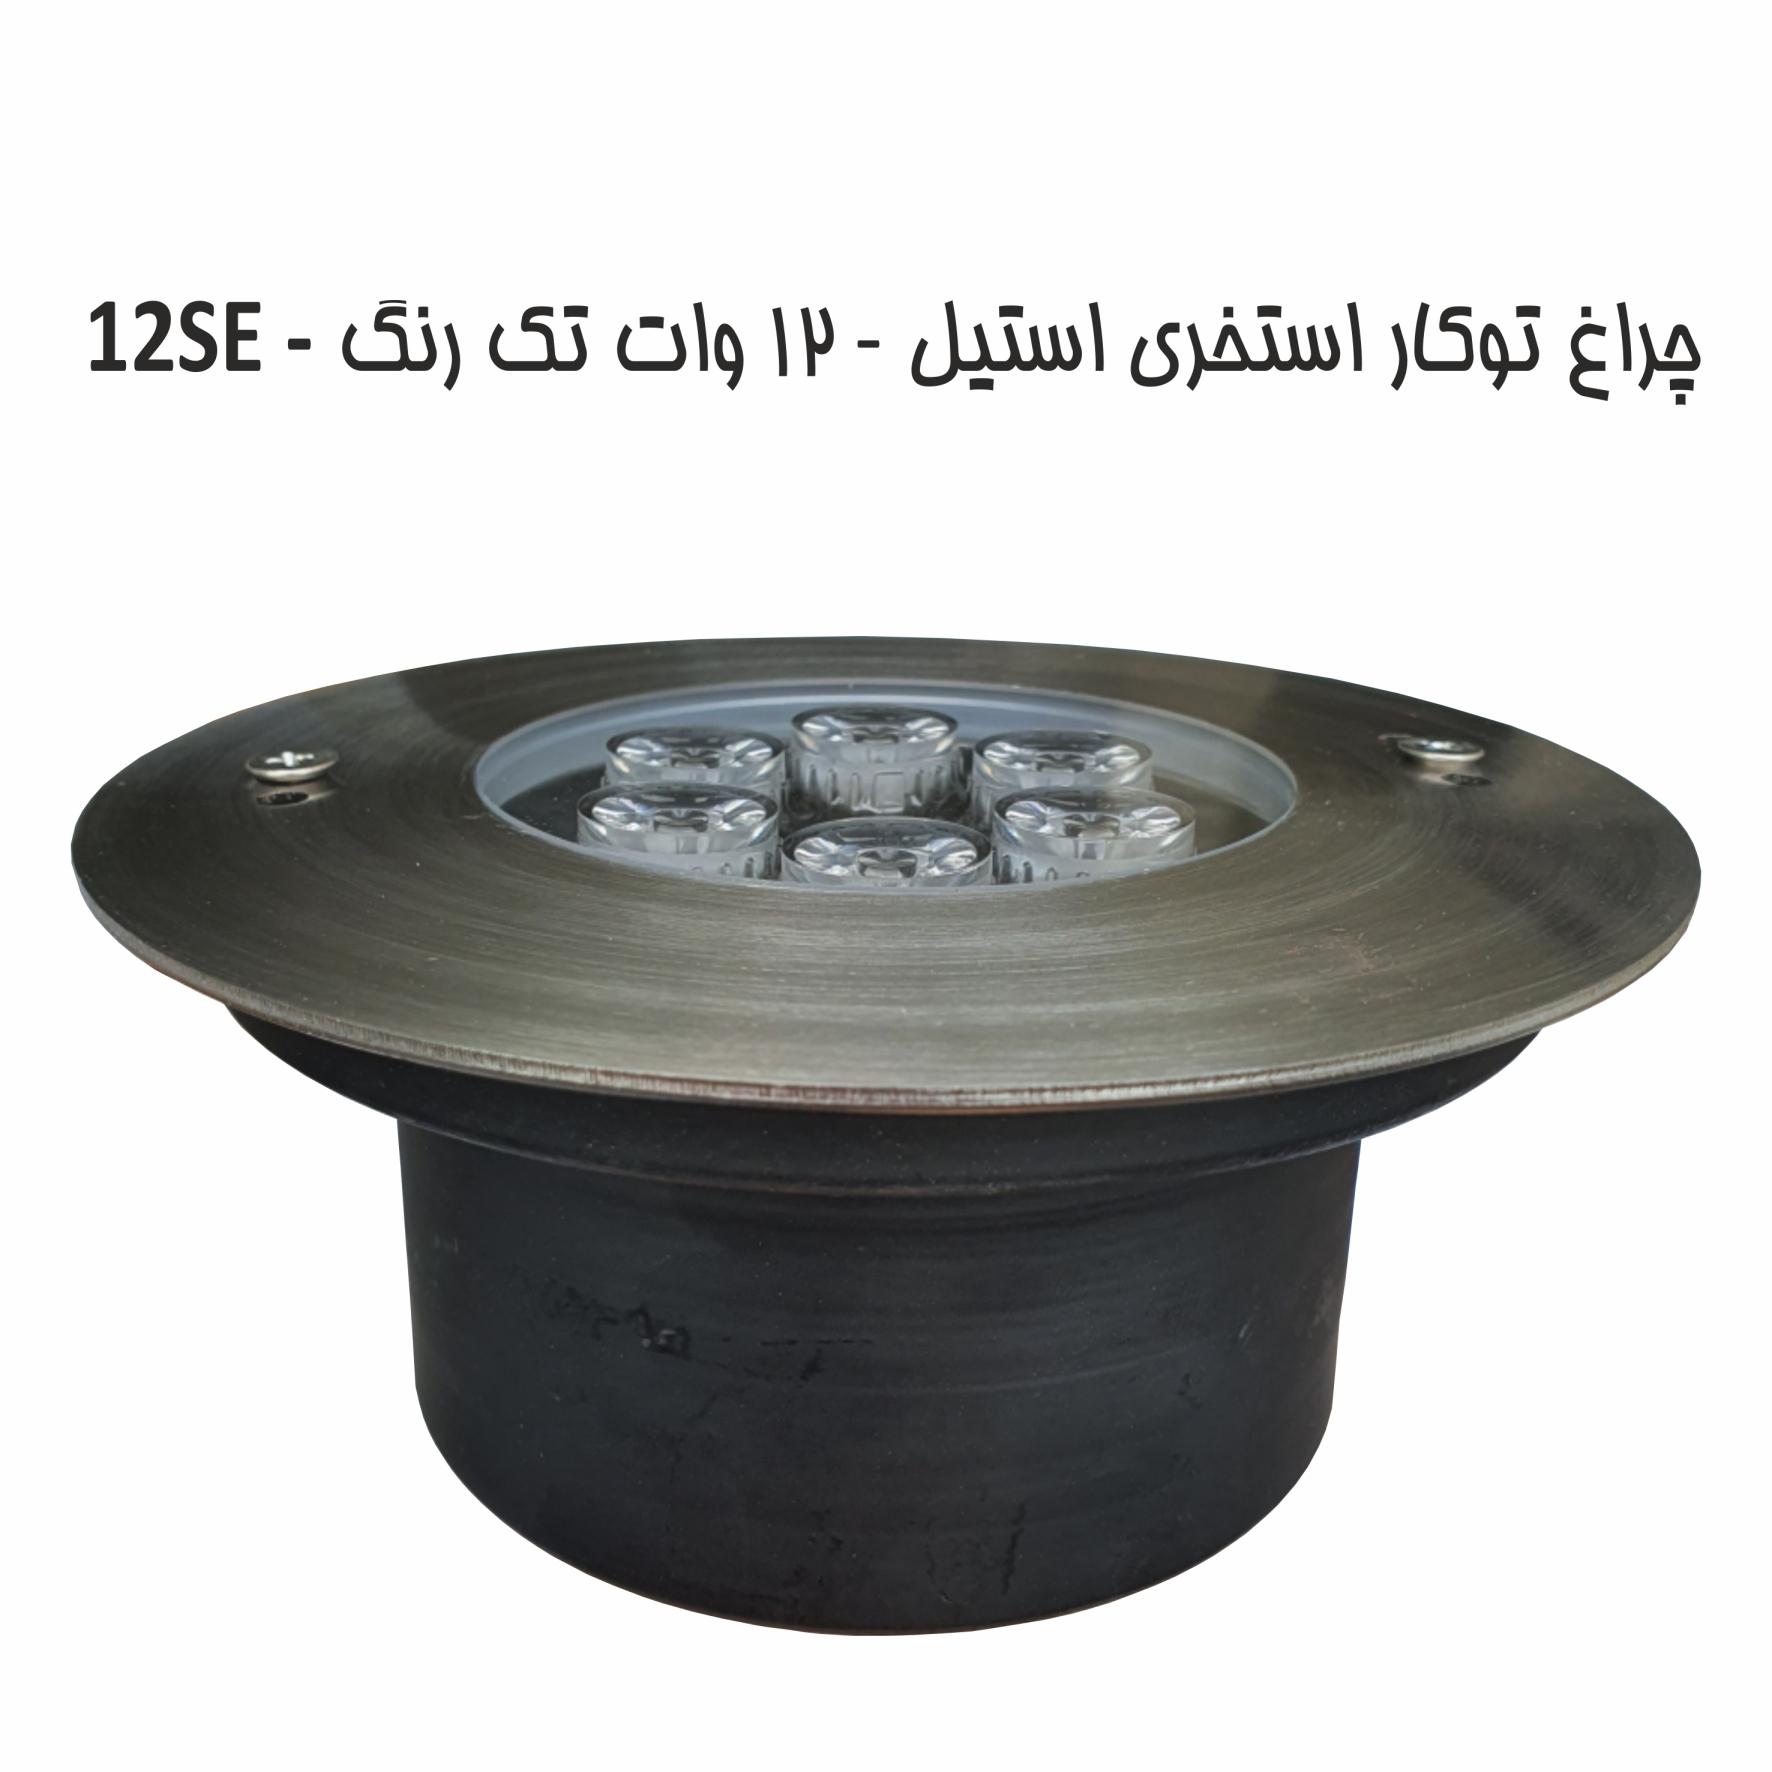 تصویر از چراغ استیل توکار استخری 12 وات تک رنگ